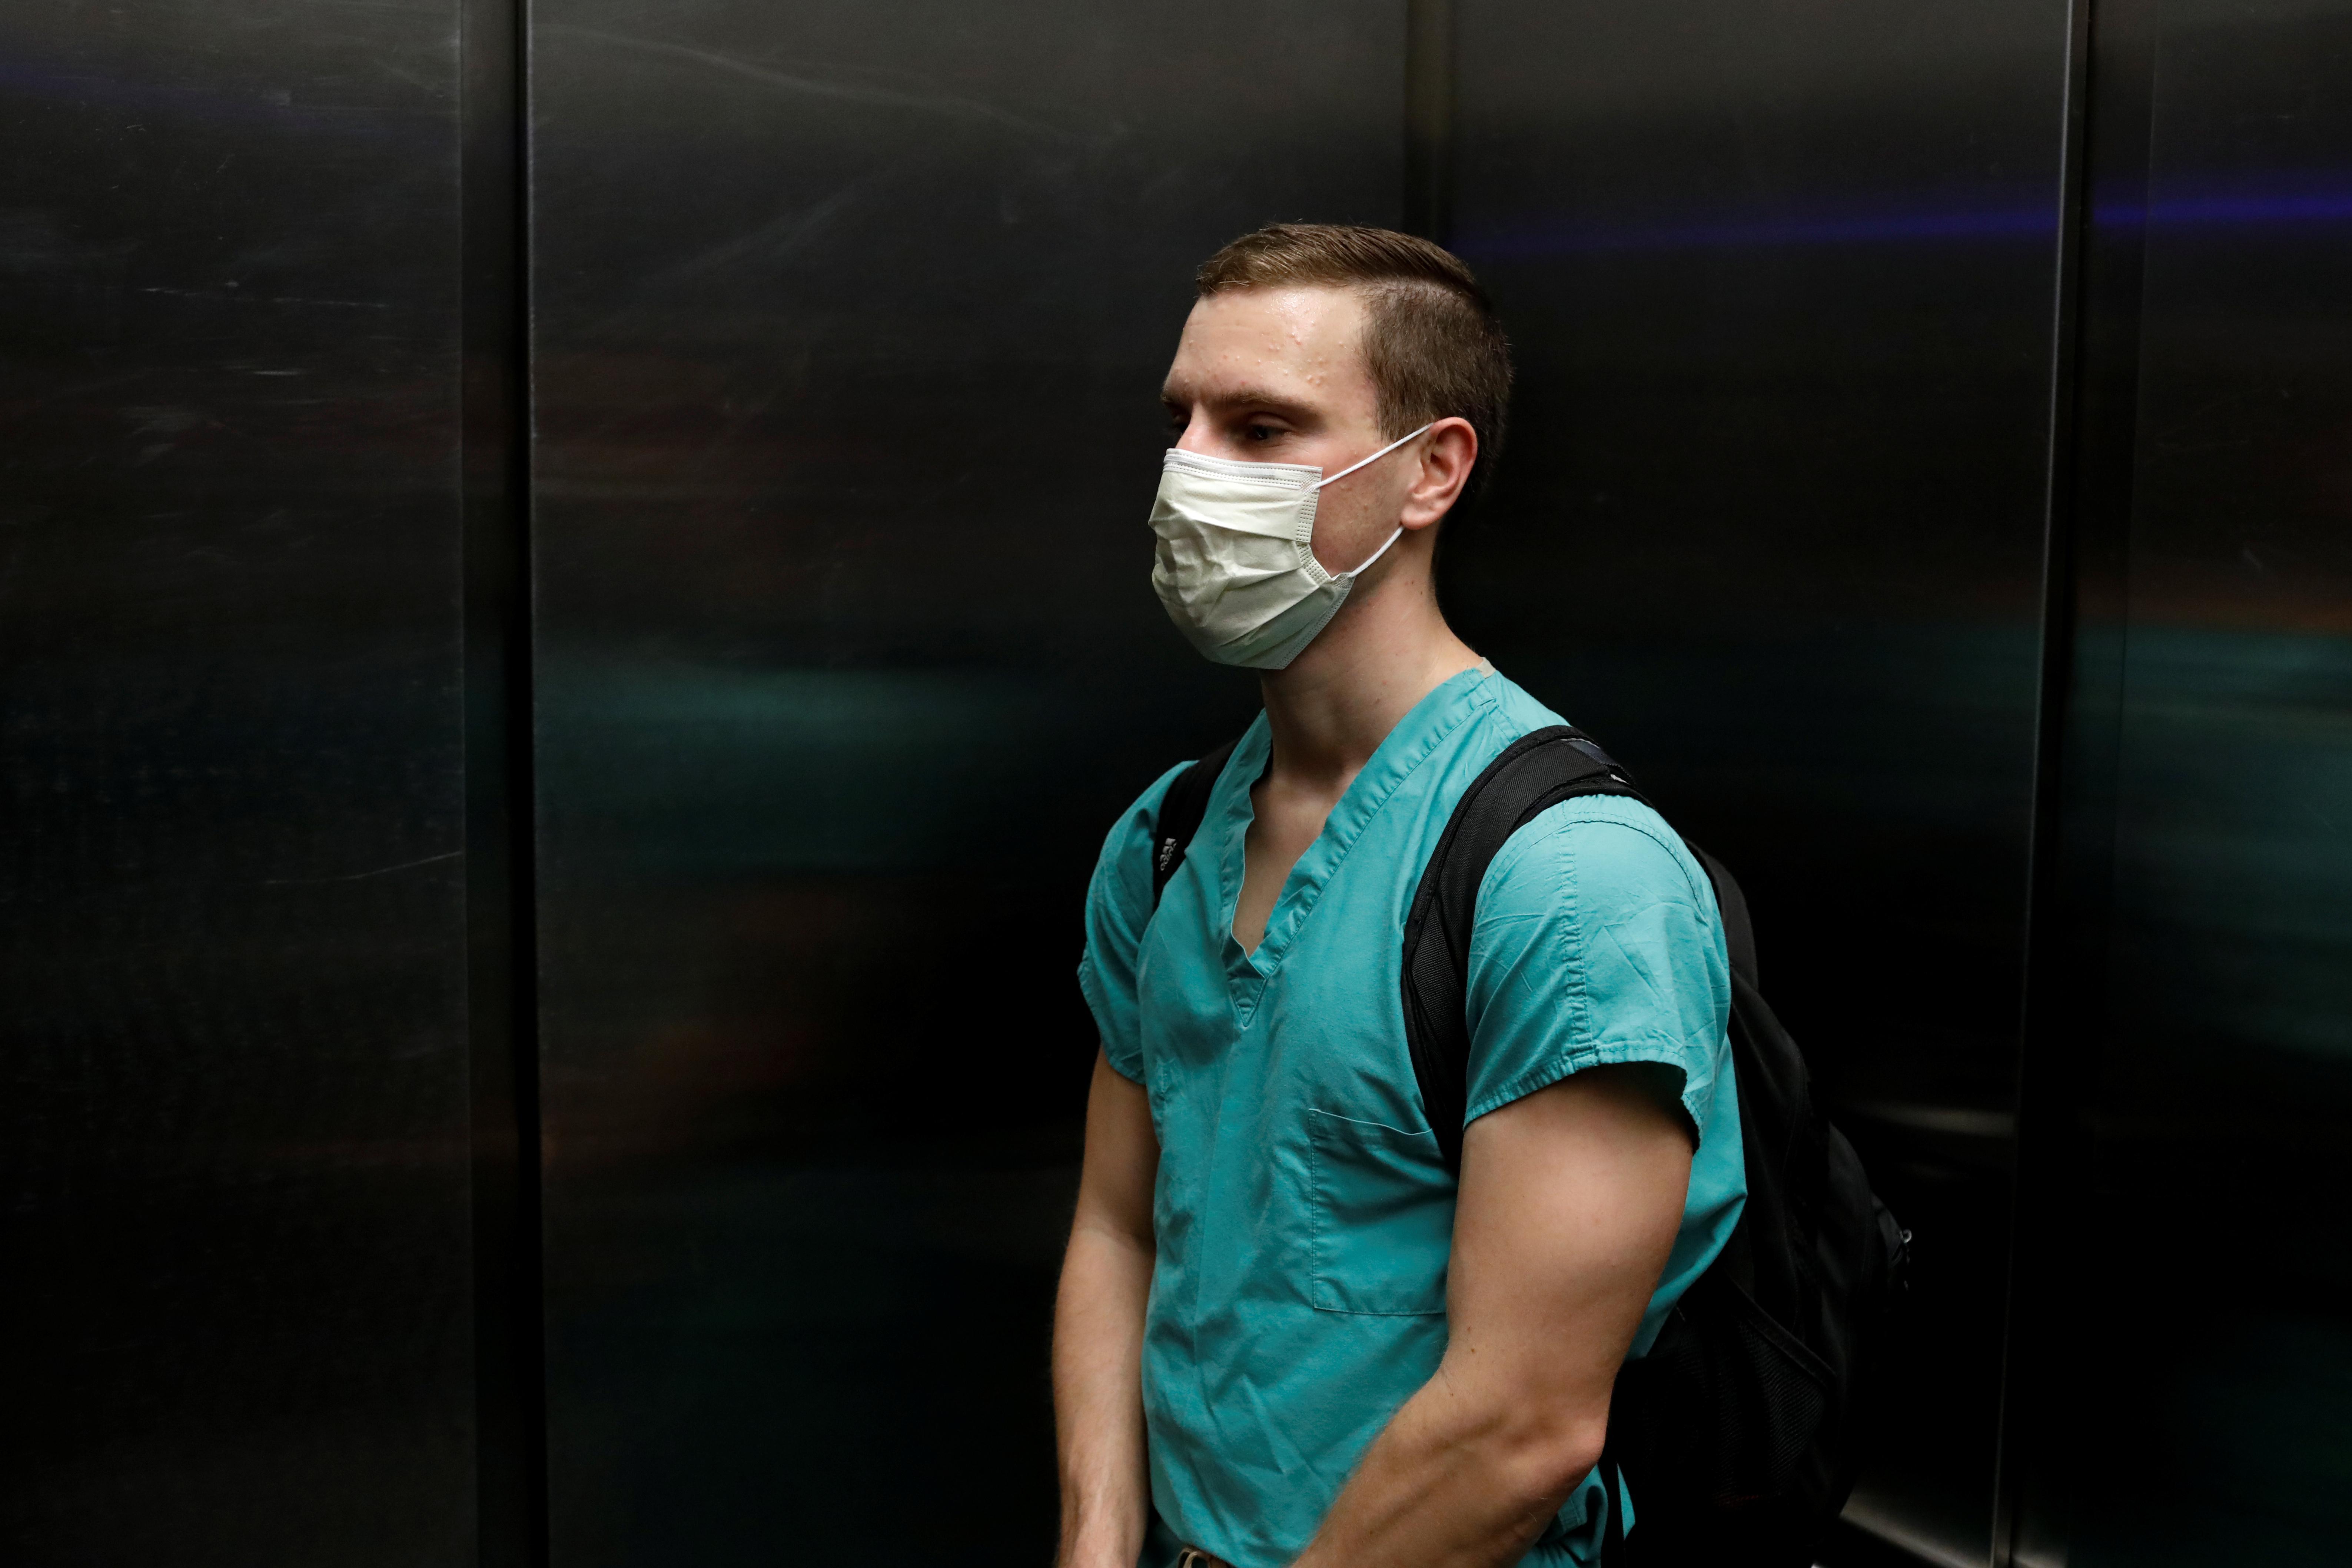 Des vies parallèles: des médecins de l'urgence jumelés combattent le COVID-19 à New York, Miami